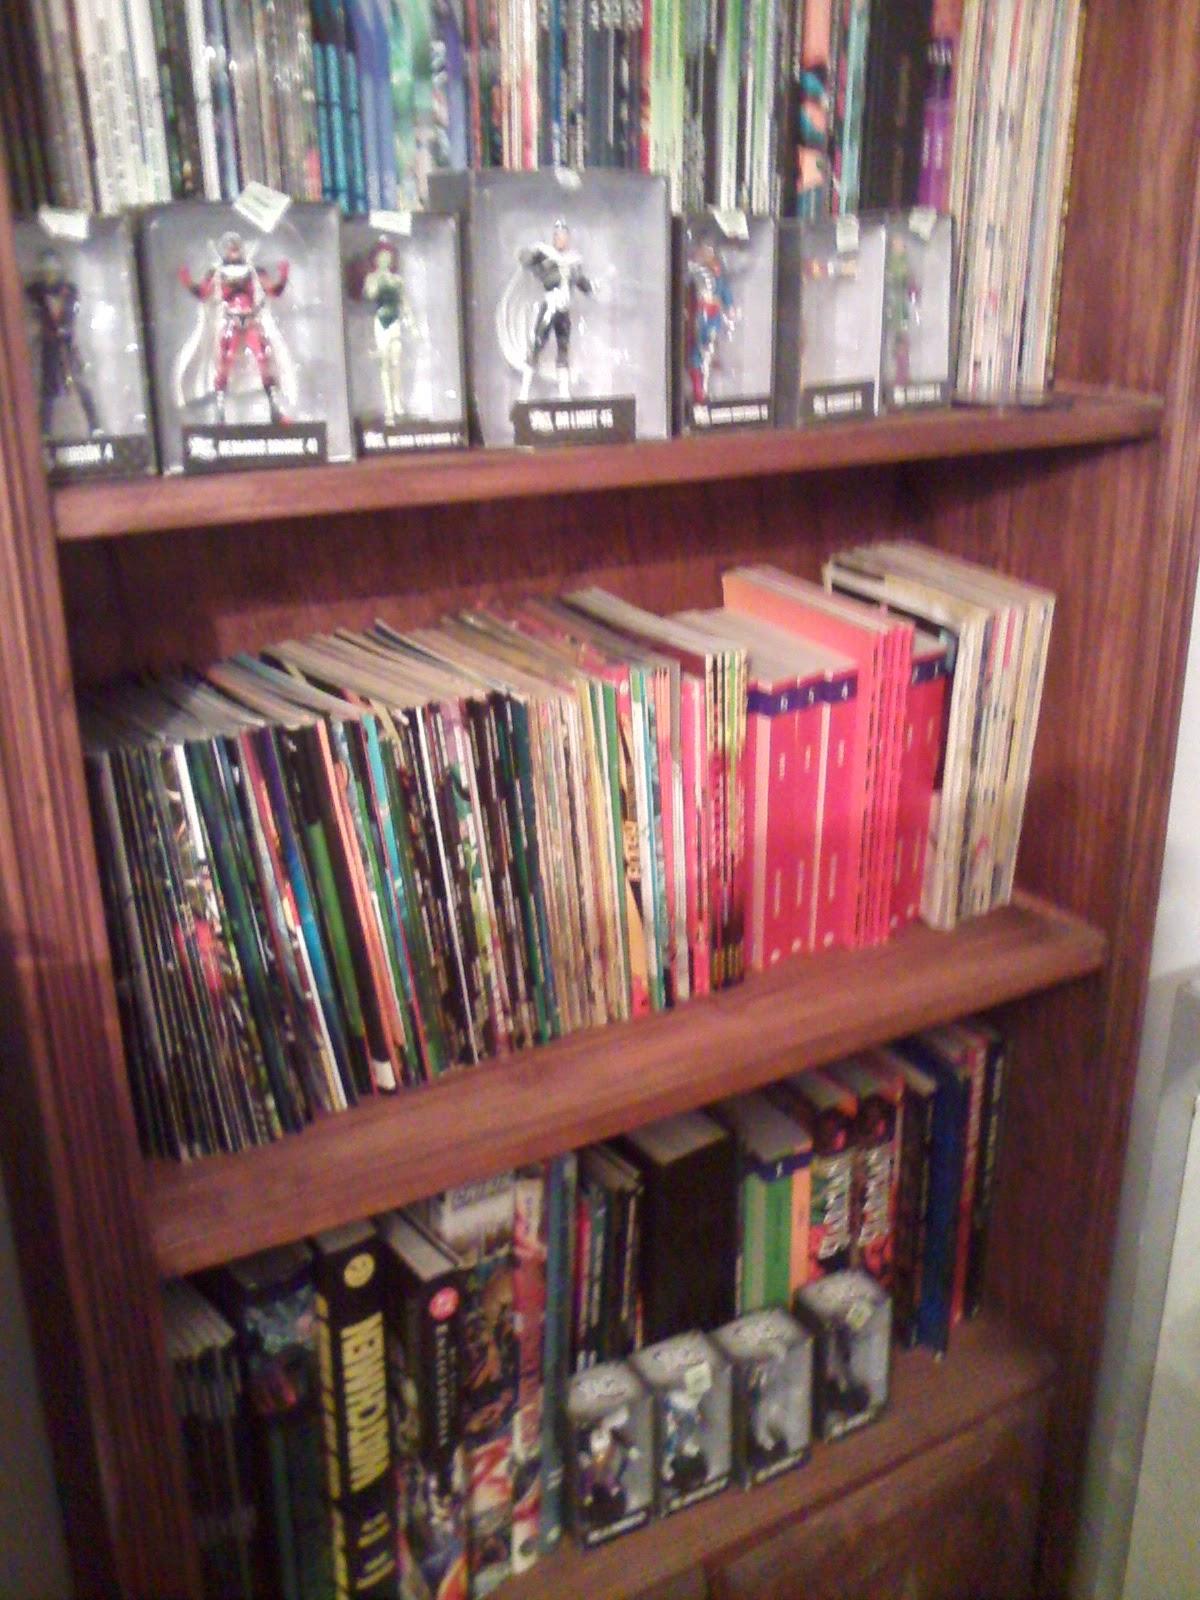 [COMICS] Colecciones de Comics ¿Quién la tiene más grande?  - Página 6 CAM01225